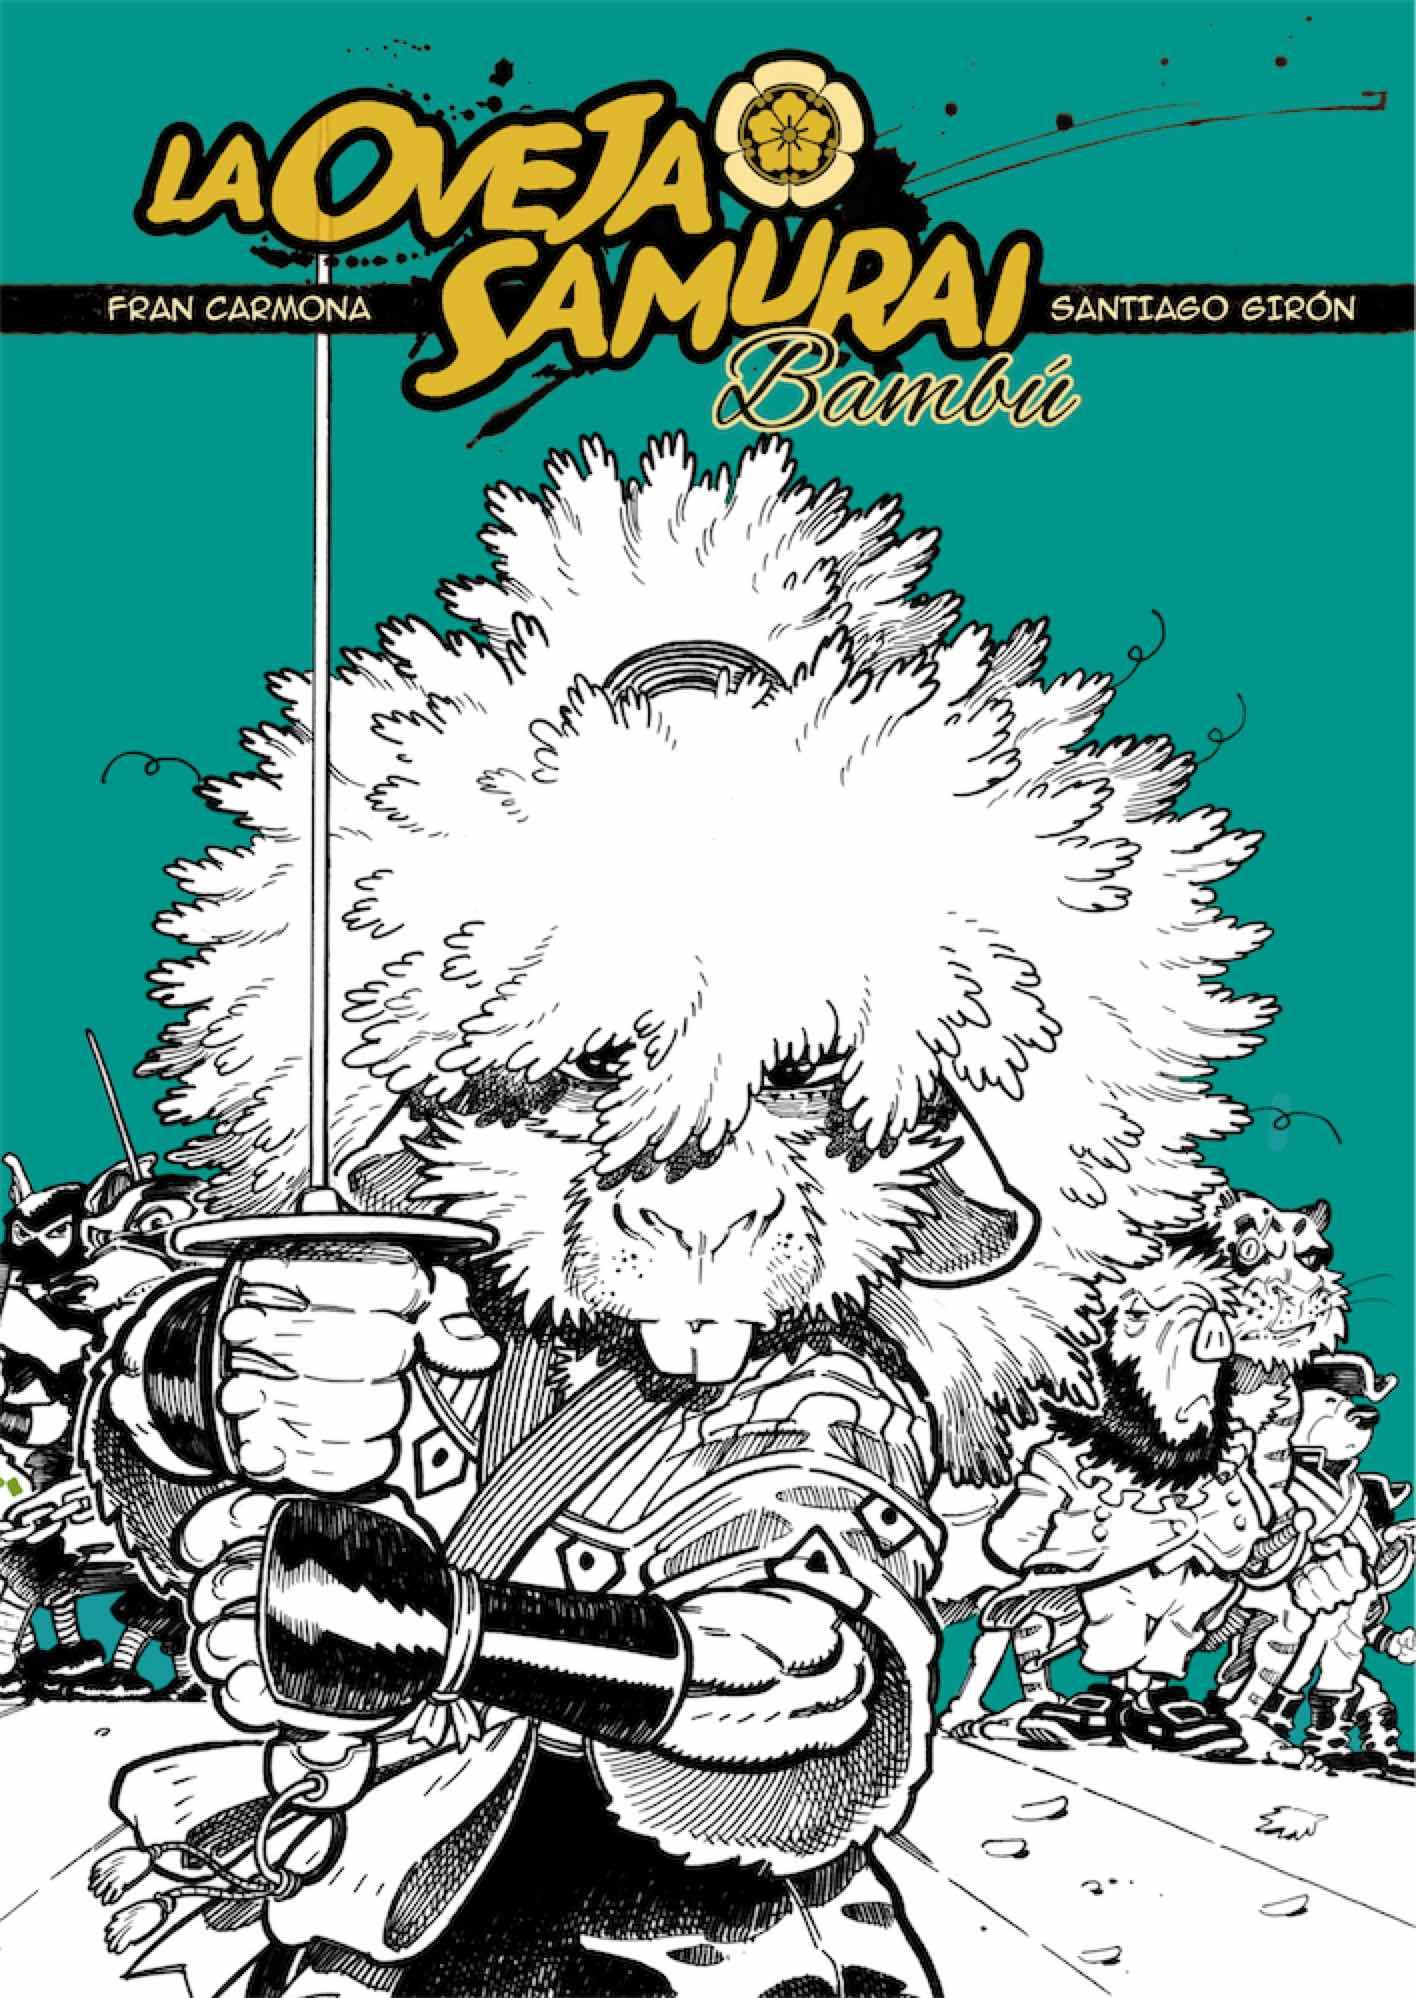 LA OVEJA SAMURAI 2. BAMBU